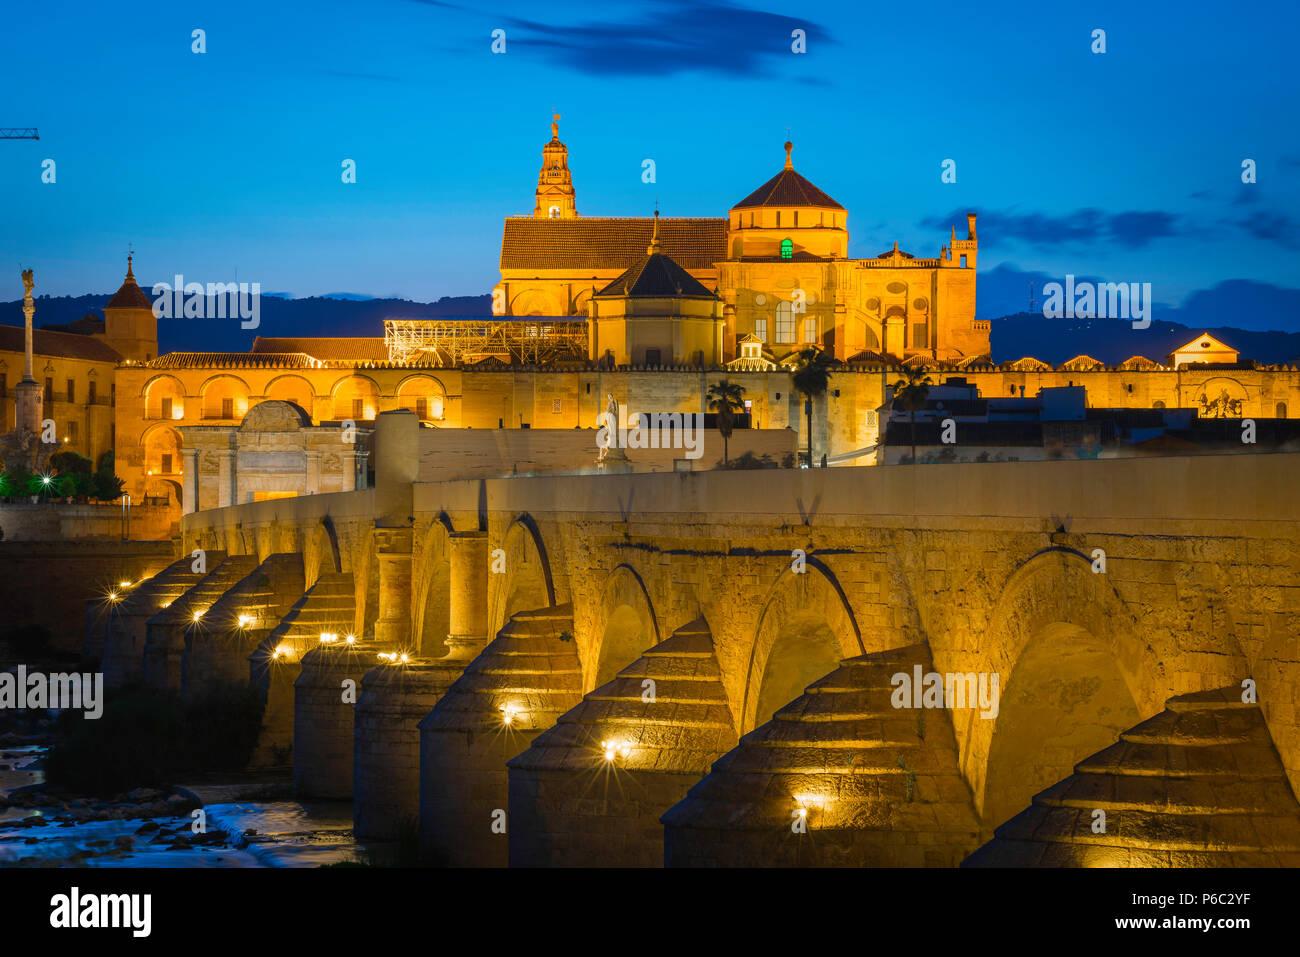 Cordoba Espagne, vue de nuit à travers le pont romain (Puente Romano) vers la Cathédrale Mosquée (La Mezquita) à Cordoue, Andalousie, espagne. Photo Stock